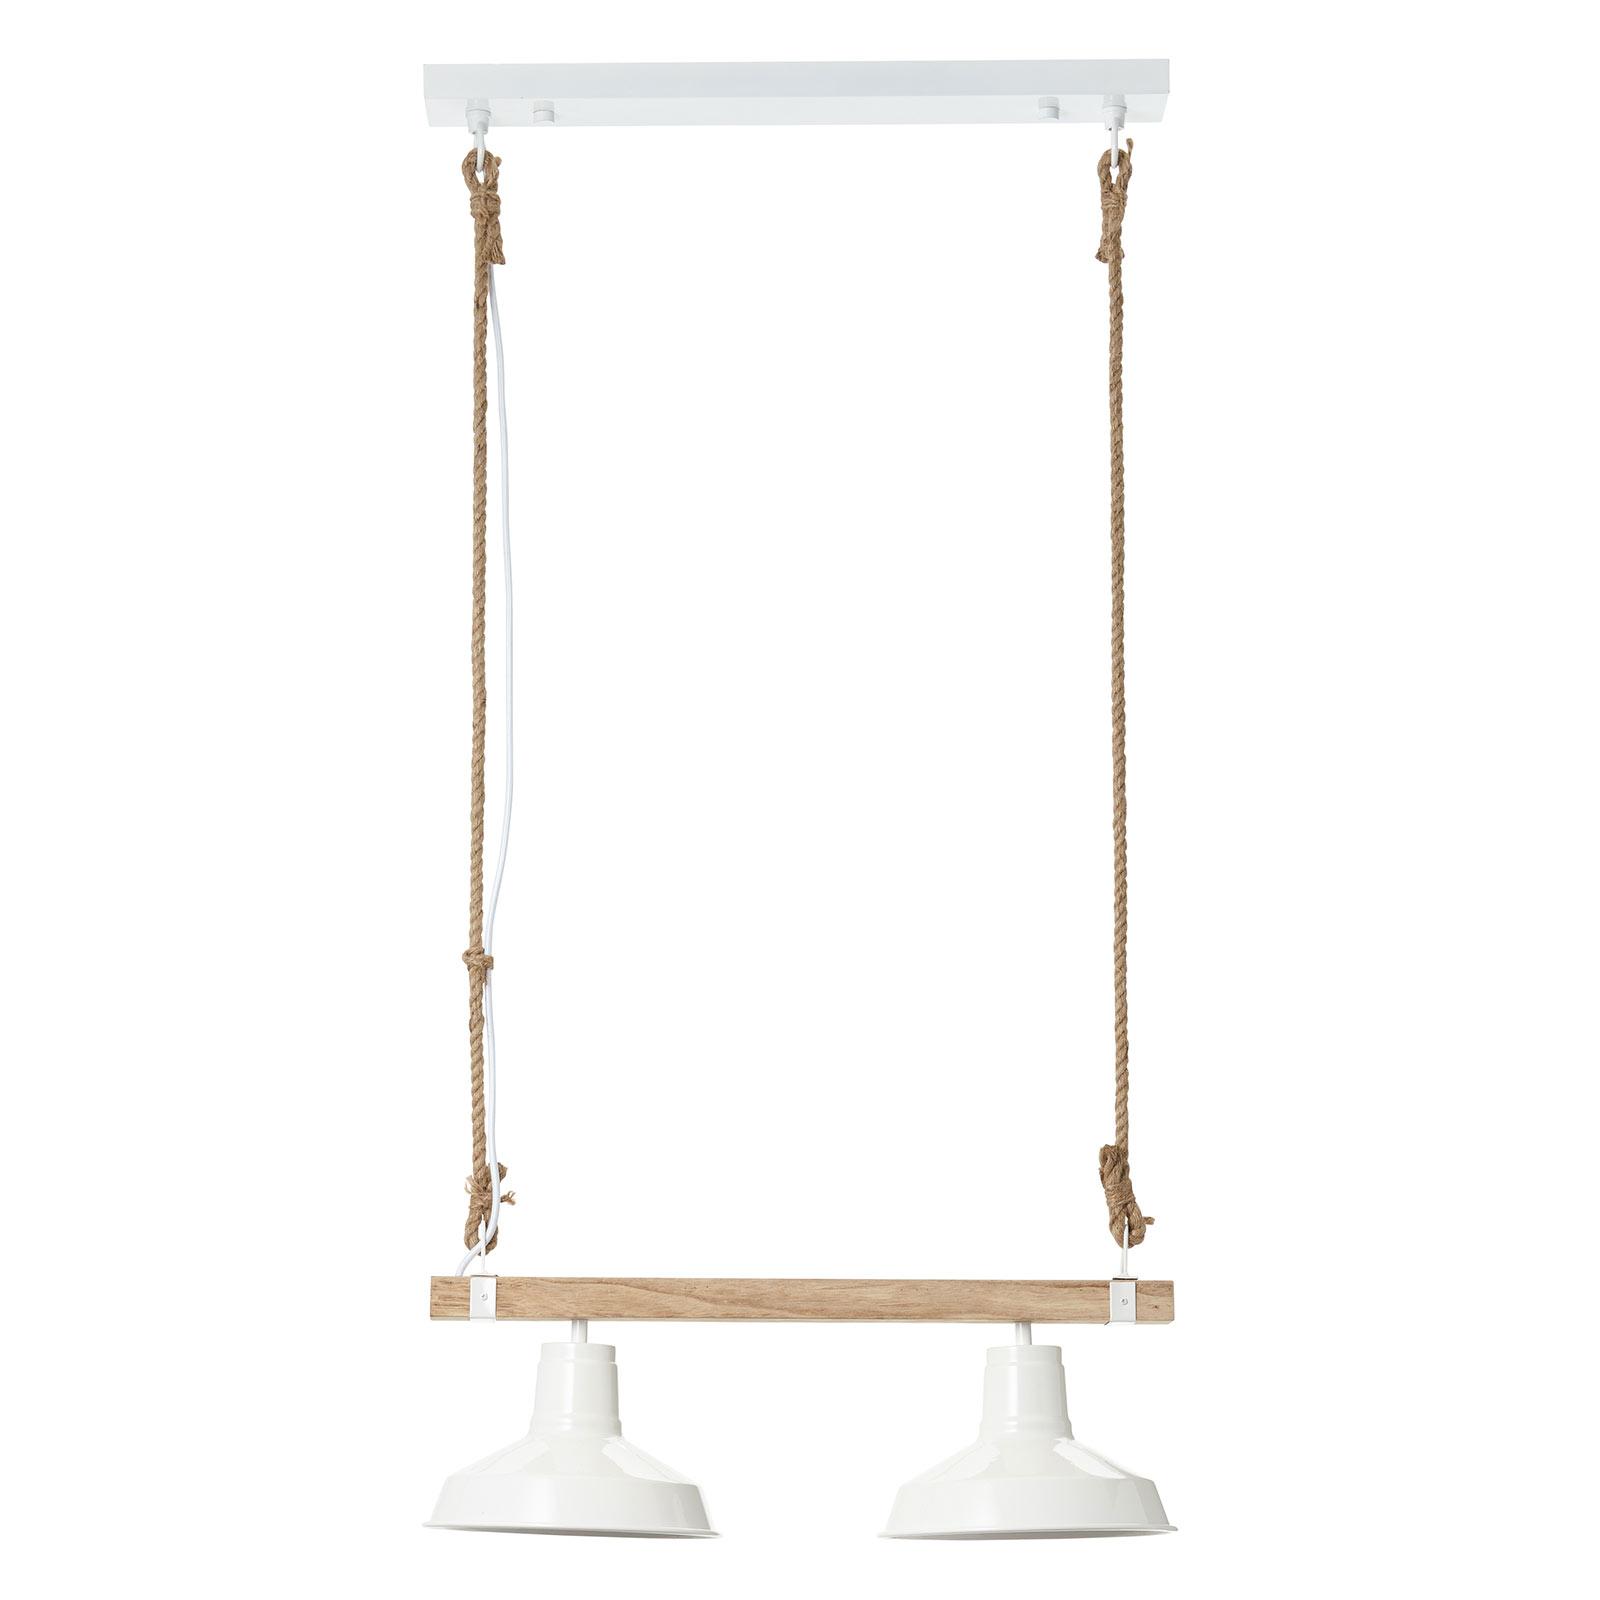 Lampa wisząca Hank z drewnem, 2-punktowa